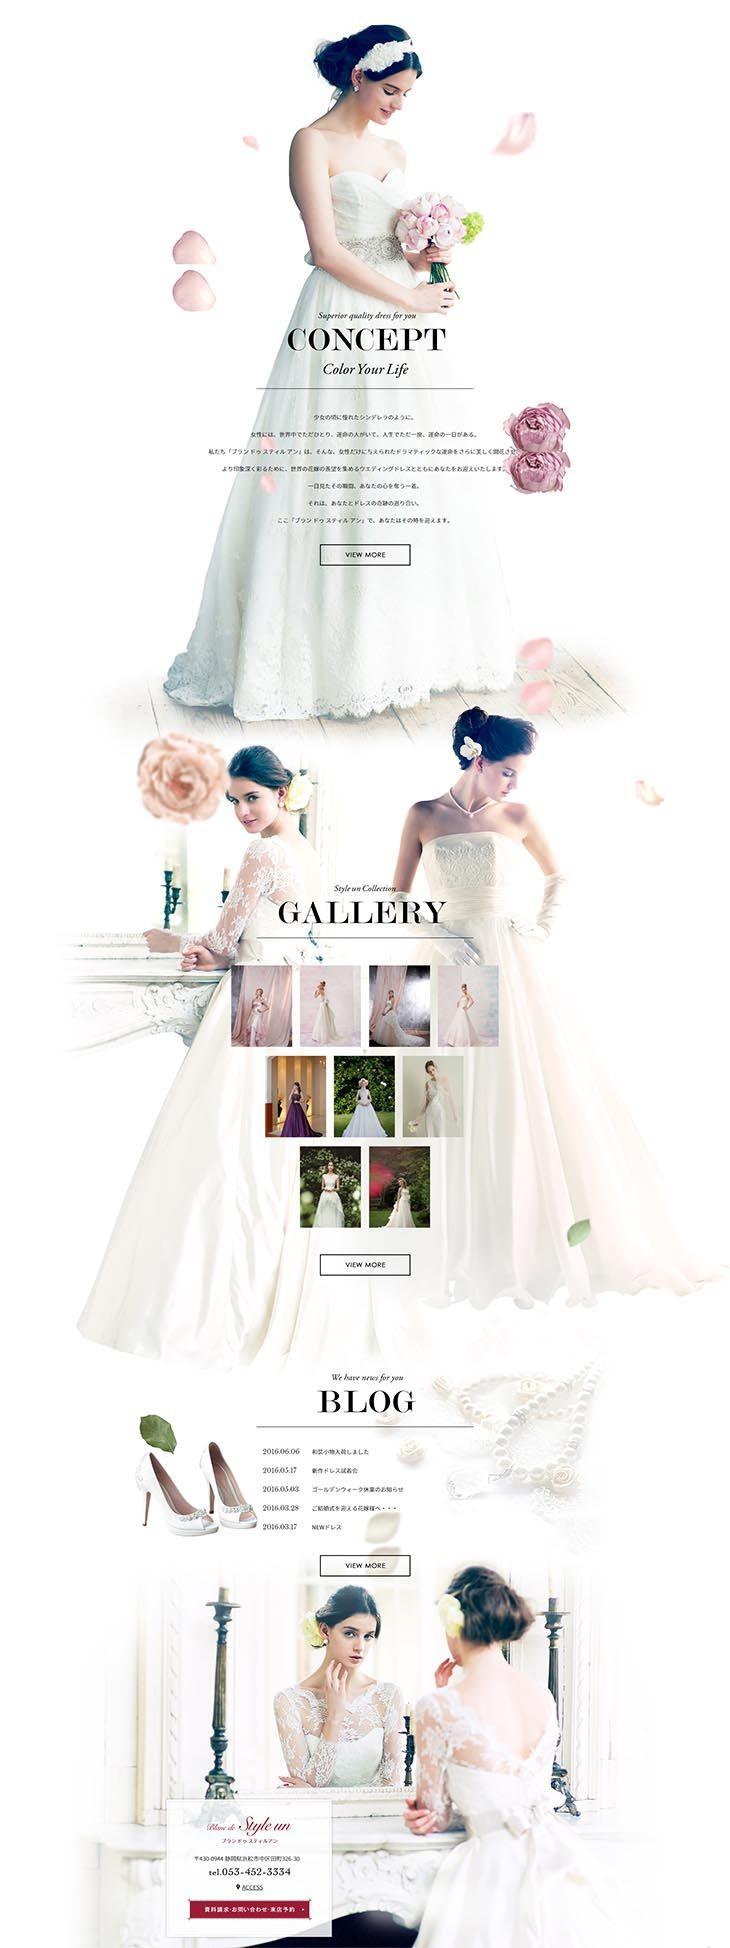 Blanc de Style un【ファッション関連】のLPデザイン。WEBデザイナーさん必見!ランディングページのデザイン参考に(キレイ系)